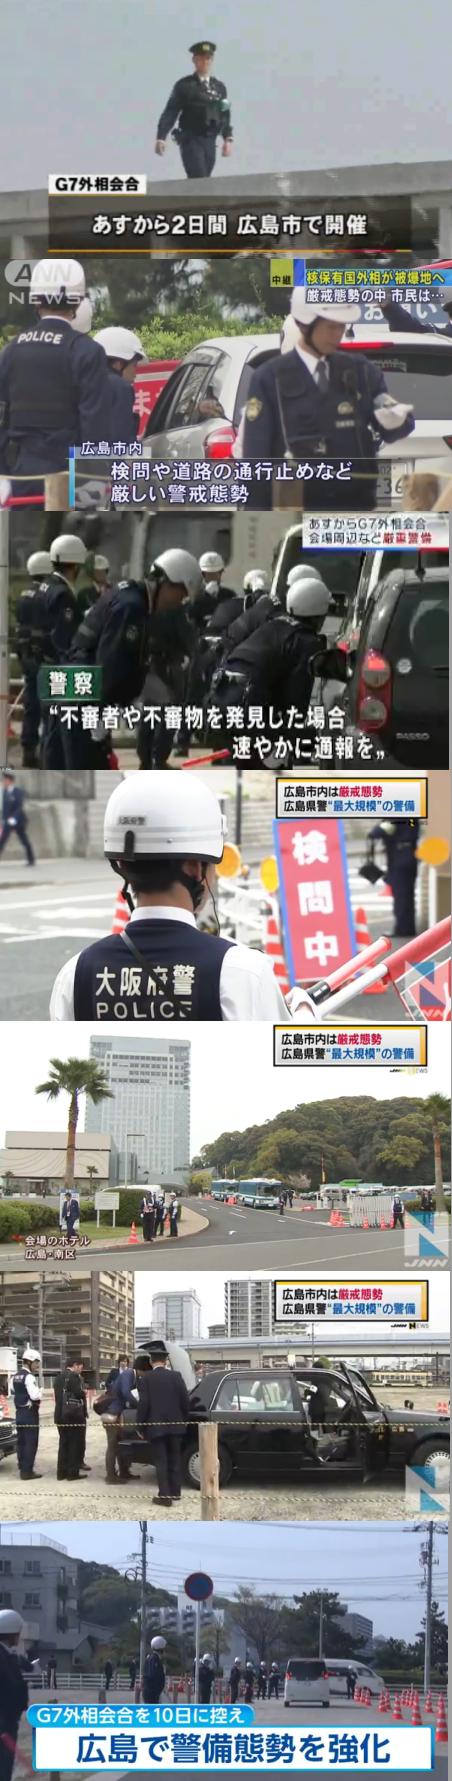 G7広島市厳戒態勢